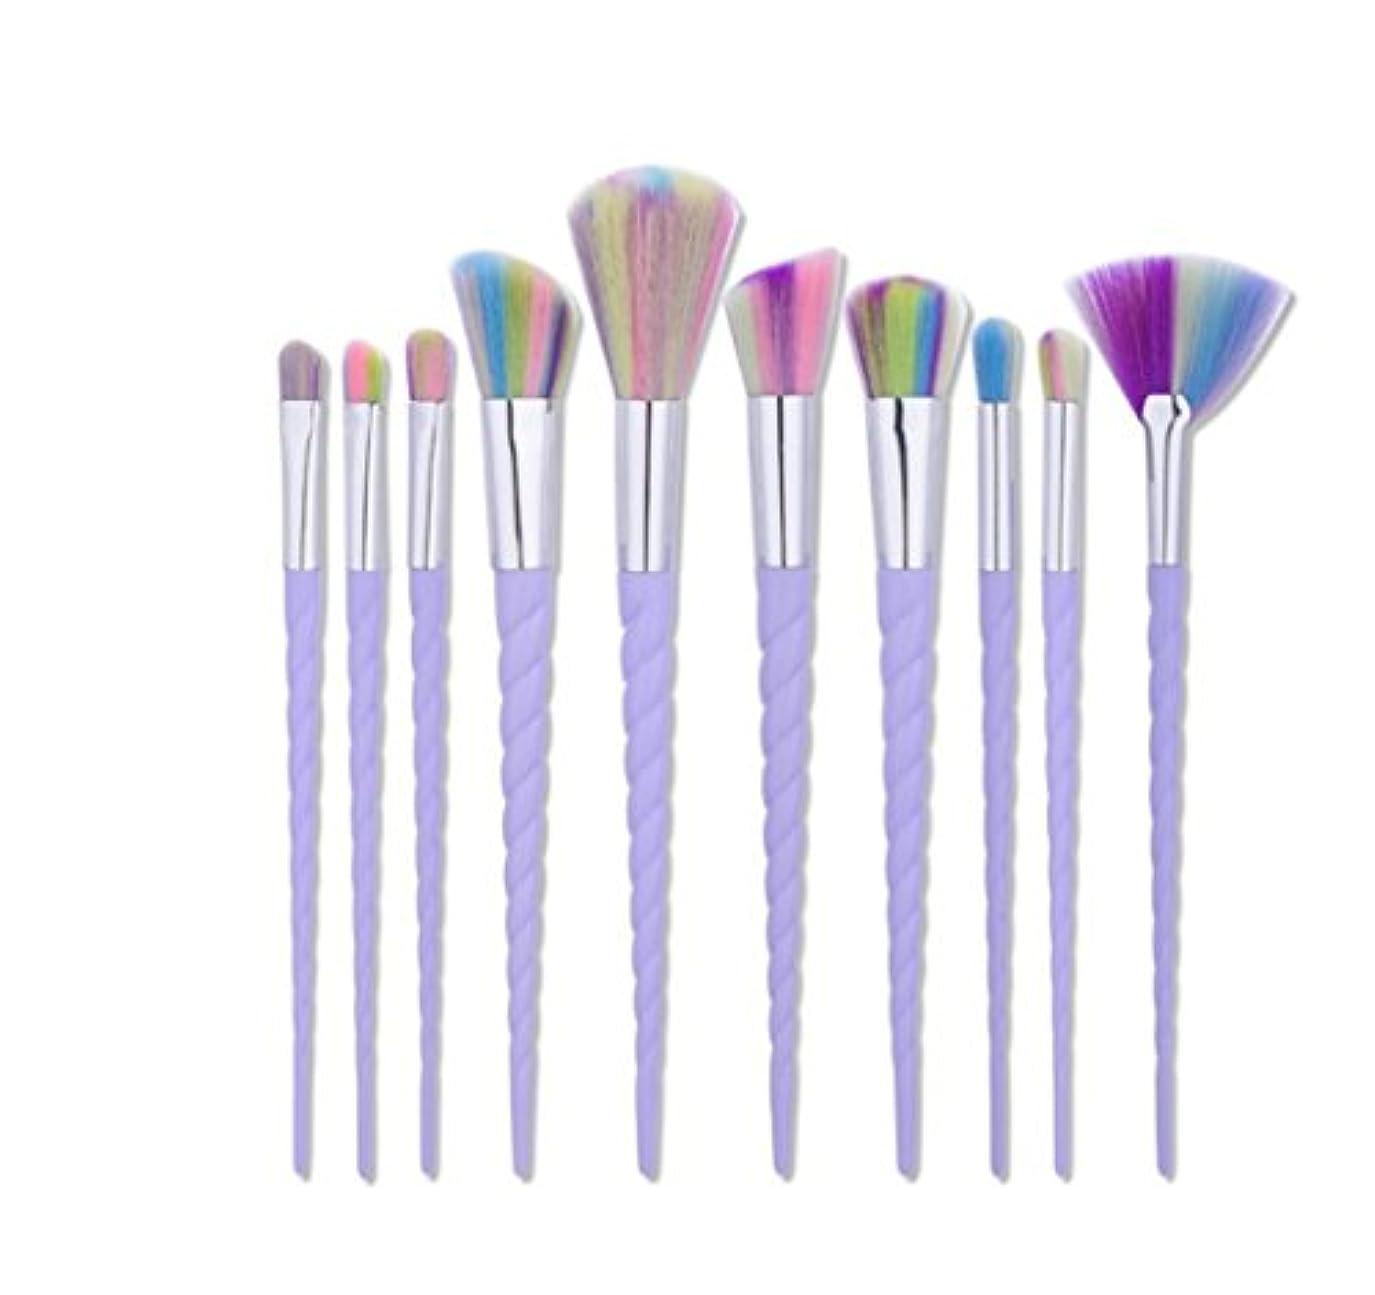 頻繁に十思いやりDilla Beauty 10本セットユニコーンデザインプラスチックハンドル形状メイクブラシセット合成毛ファンデーションブラシアイシャドーブラッシャー美容ツール (ホワイト-4)